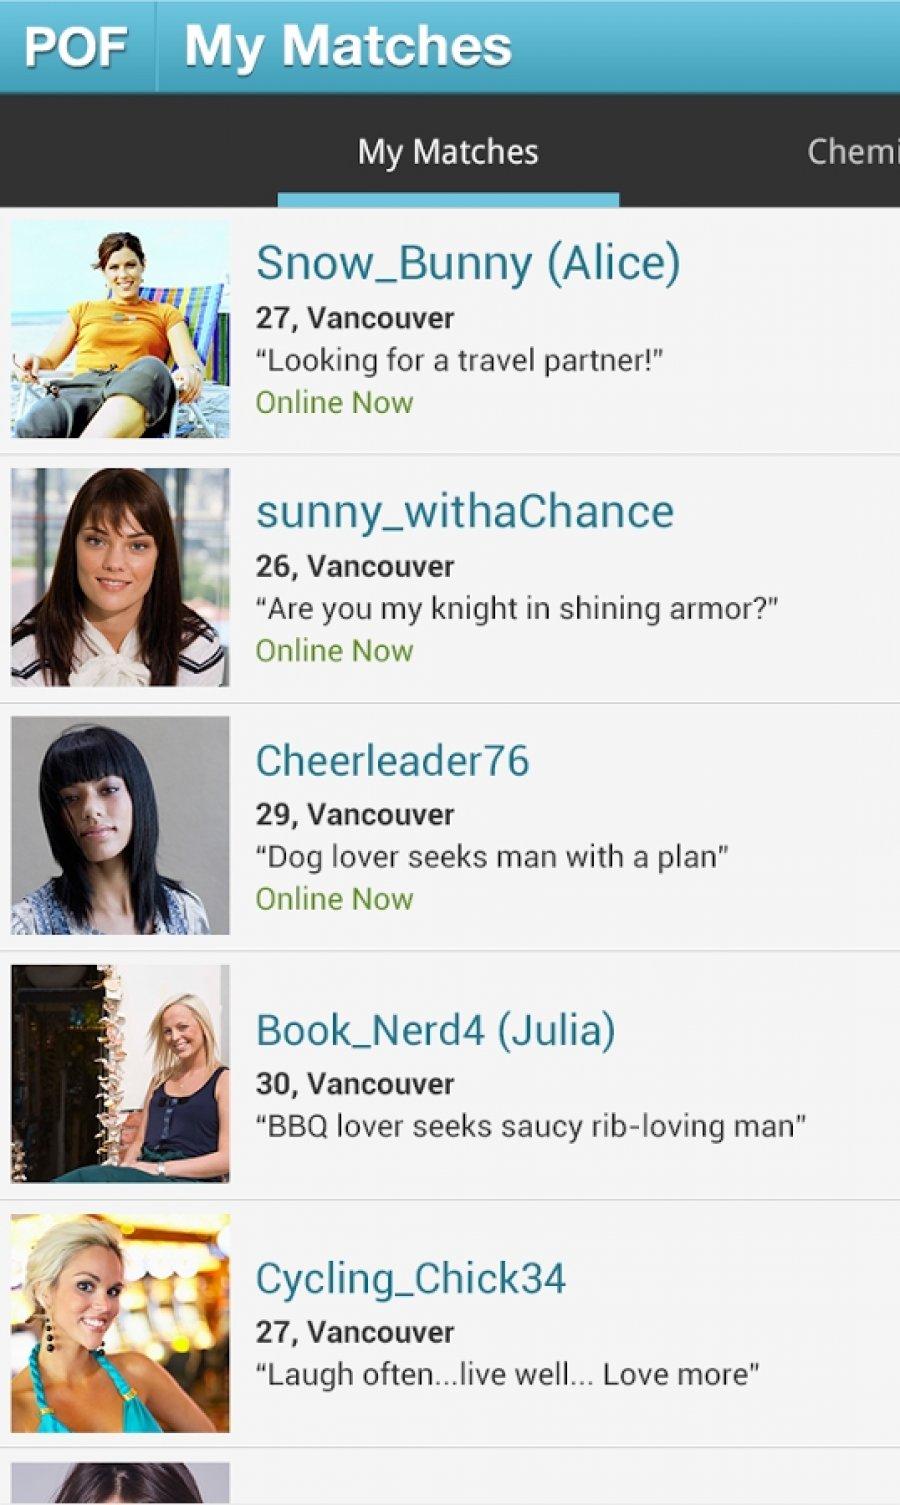 pof darmowa aplikacja randkowa apk serwisy randkowe Brownsville